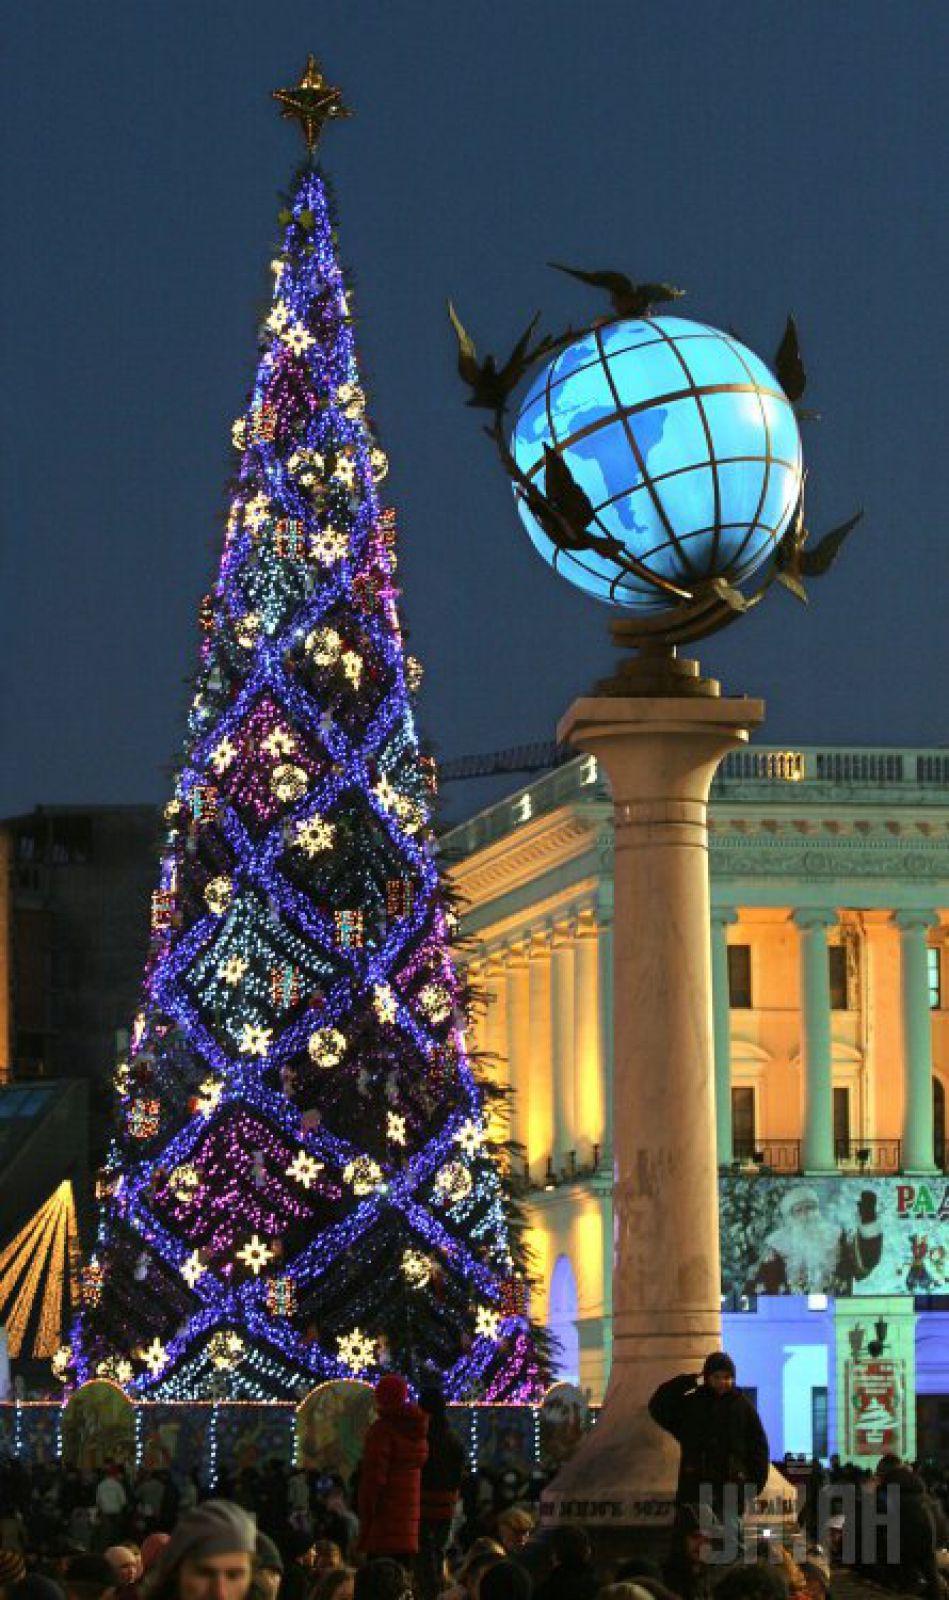 2006 год. Конструкцию собрали из 500 сосен. На украшение потратили 945 тыс. грн бюджета Киева. На эти деньги закупили 6 км цветных гирлянд, которые привезли из Франции, розовые светодиоды и игрушечных свинок